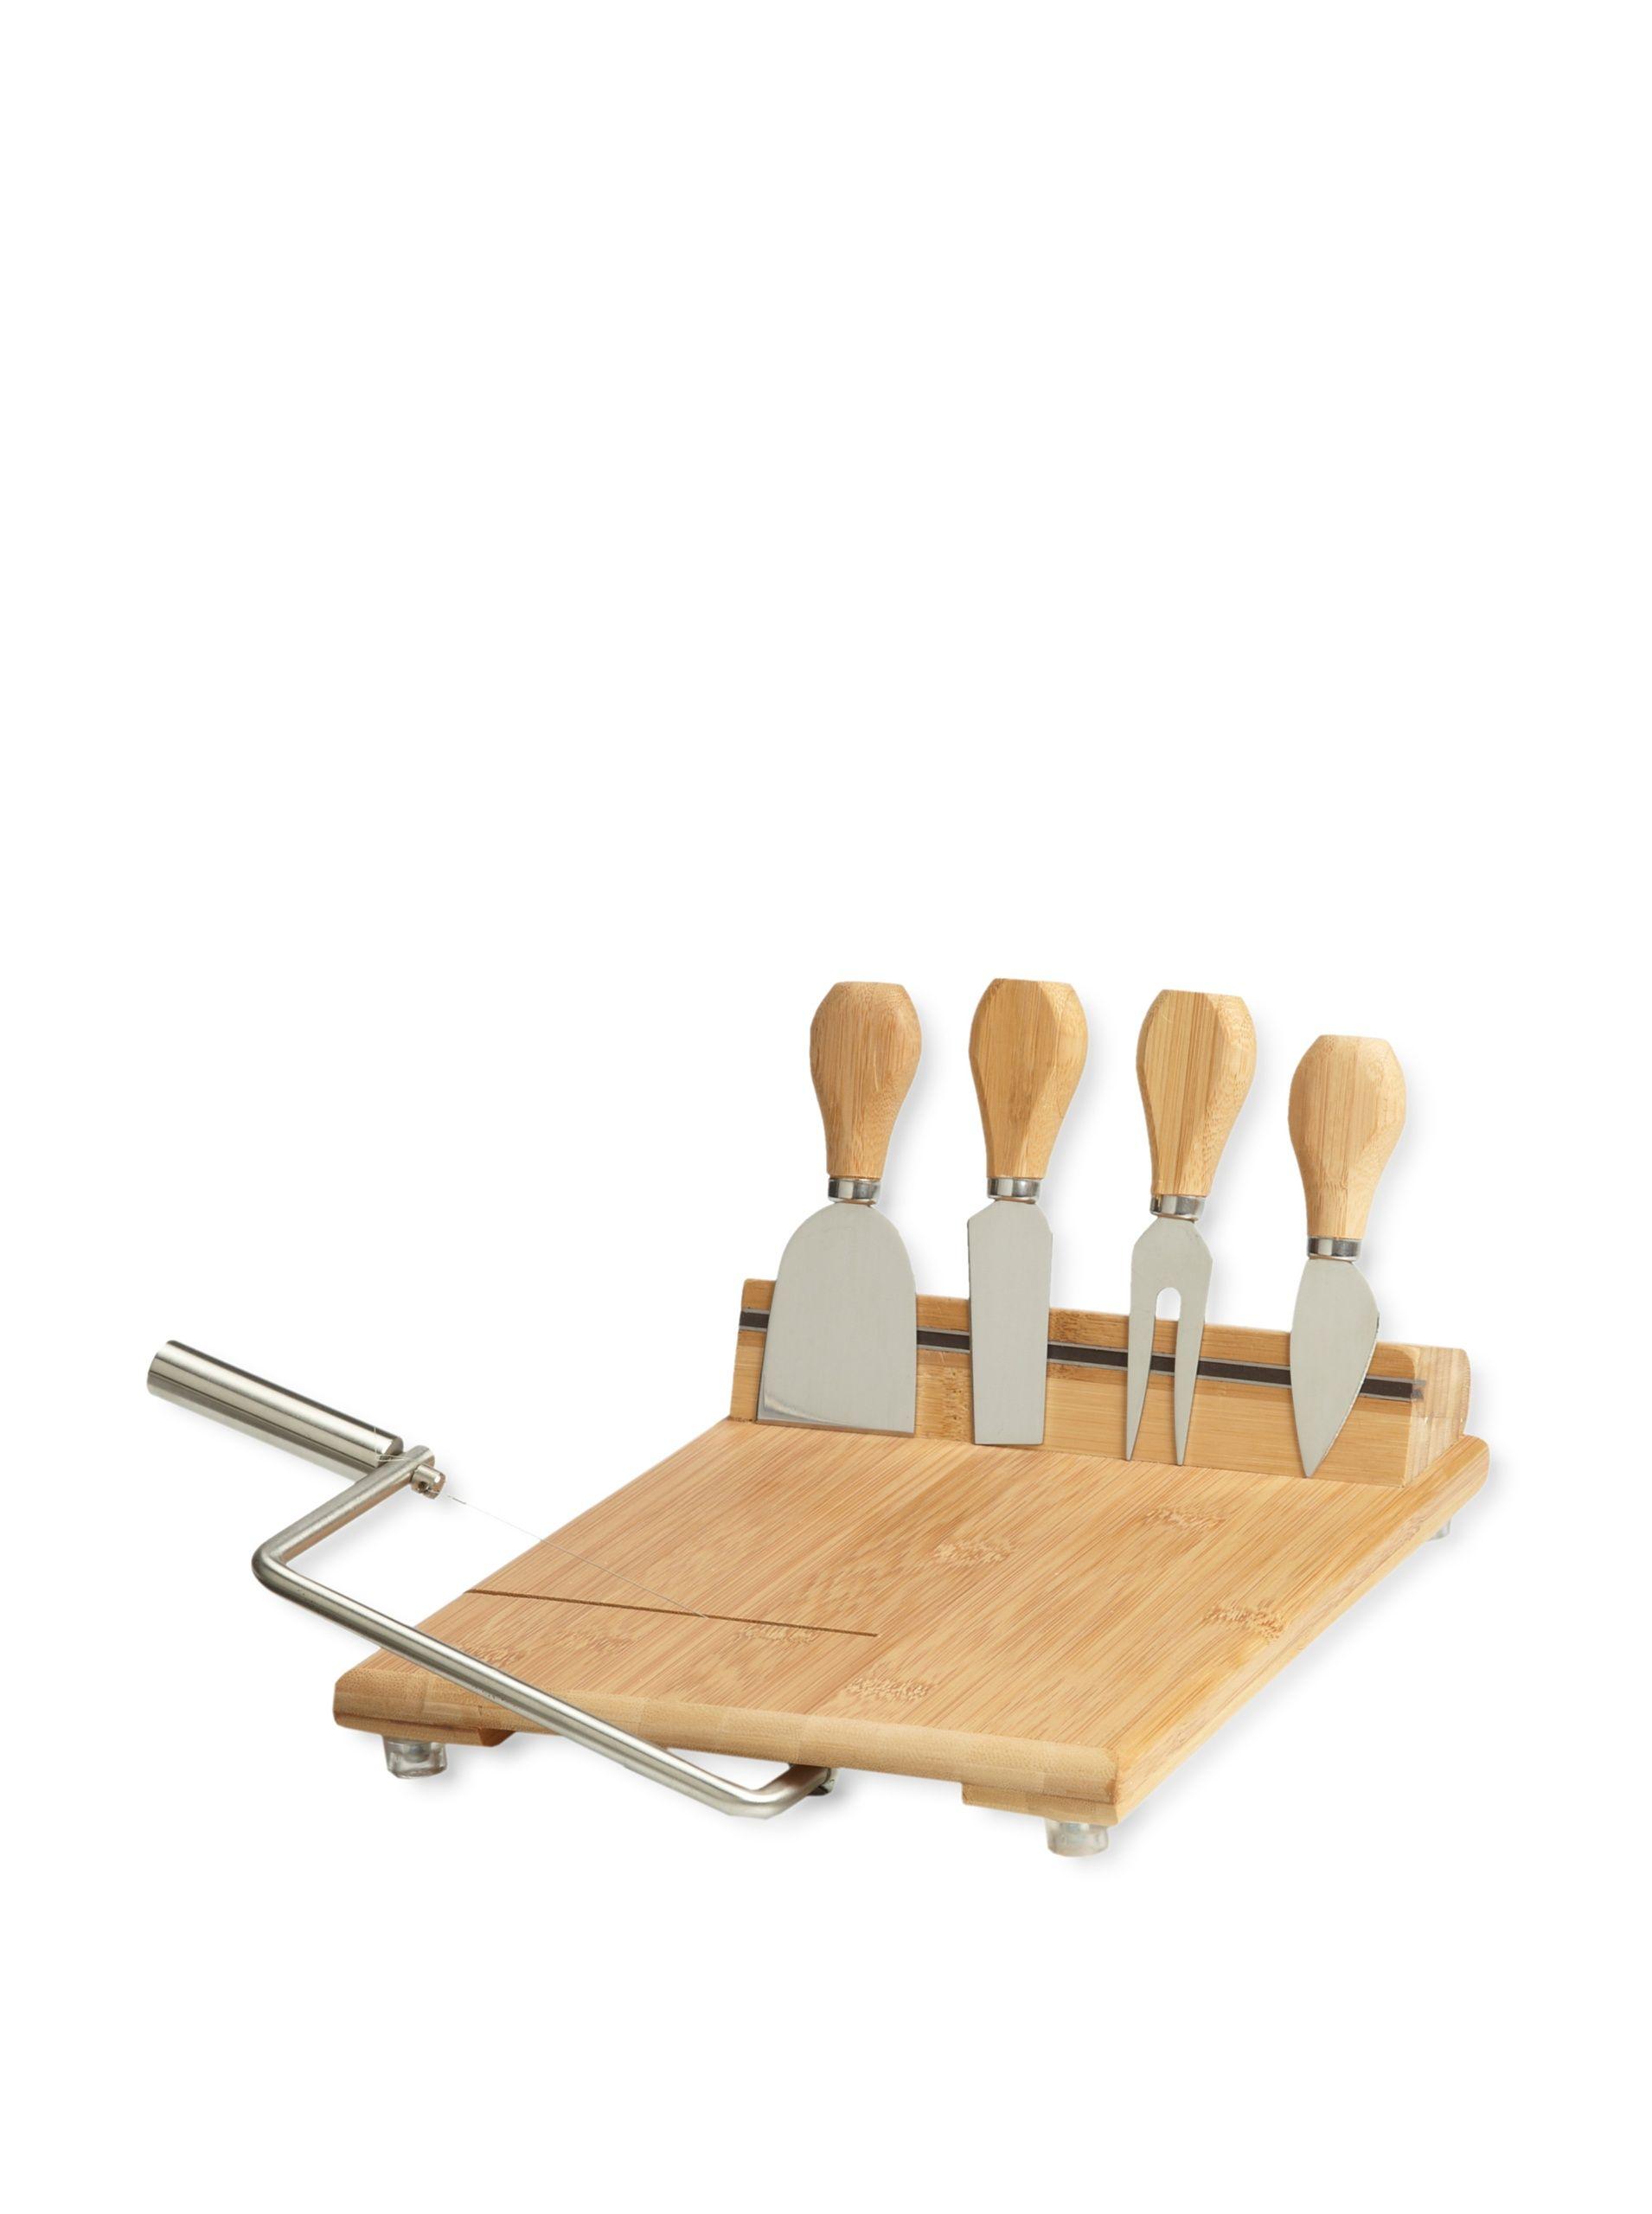 Picnic at Ascot Stilton Cheese Board Set, Natural Bamboo board with ...